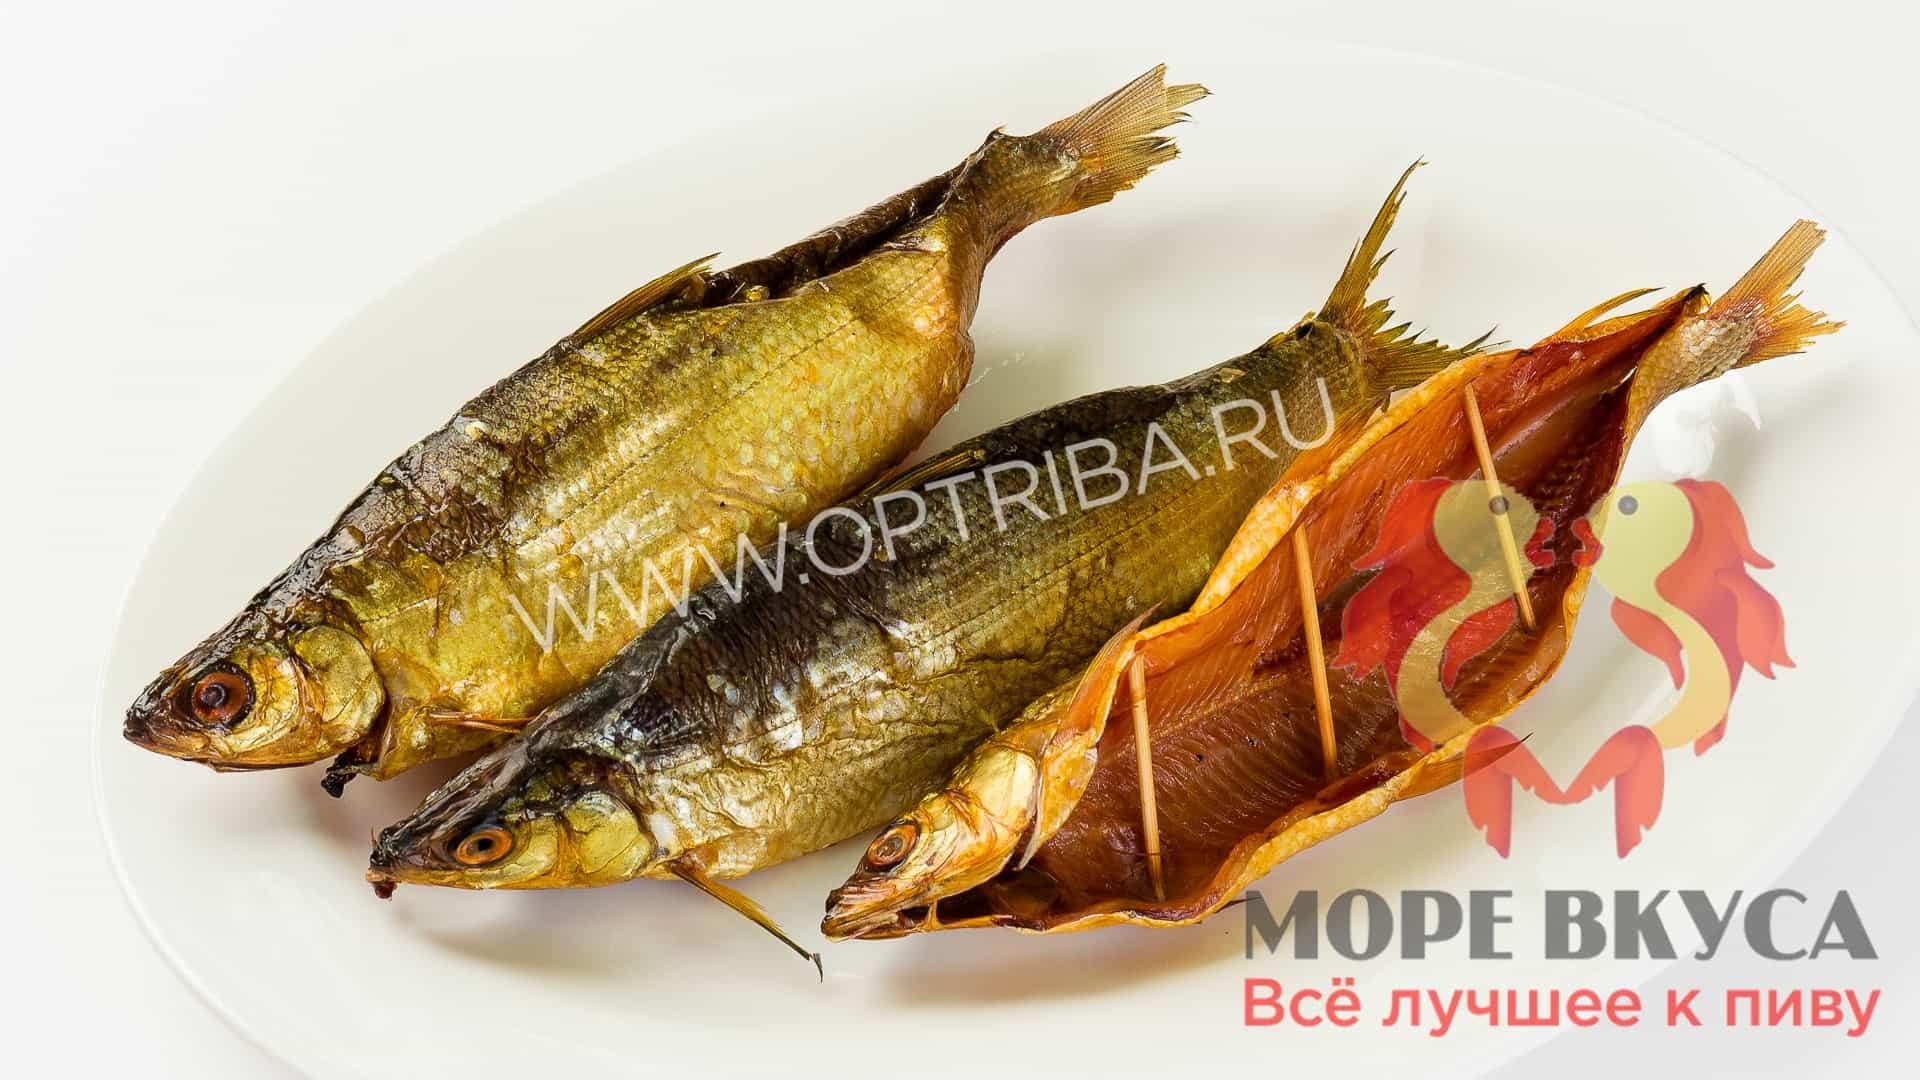 Байкальский омуль холодного копчения цена